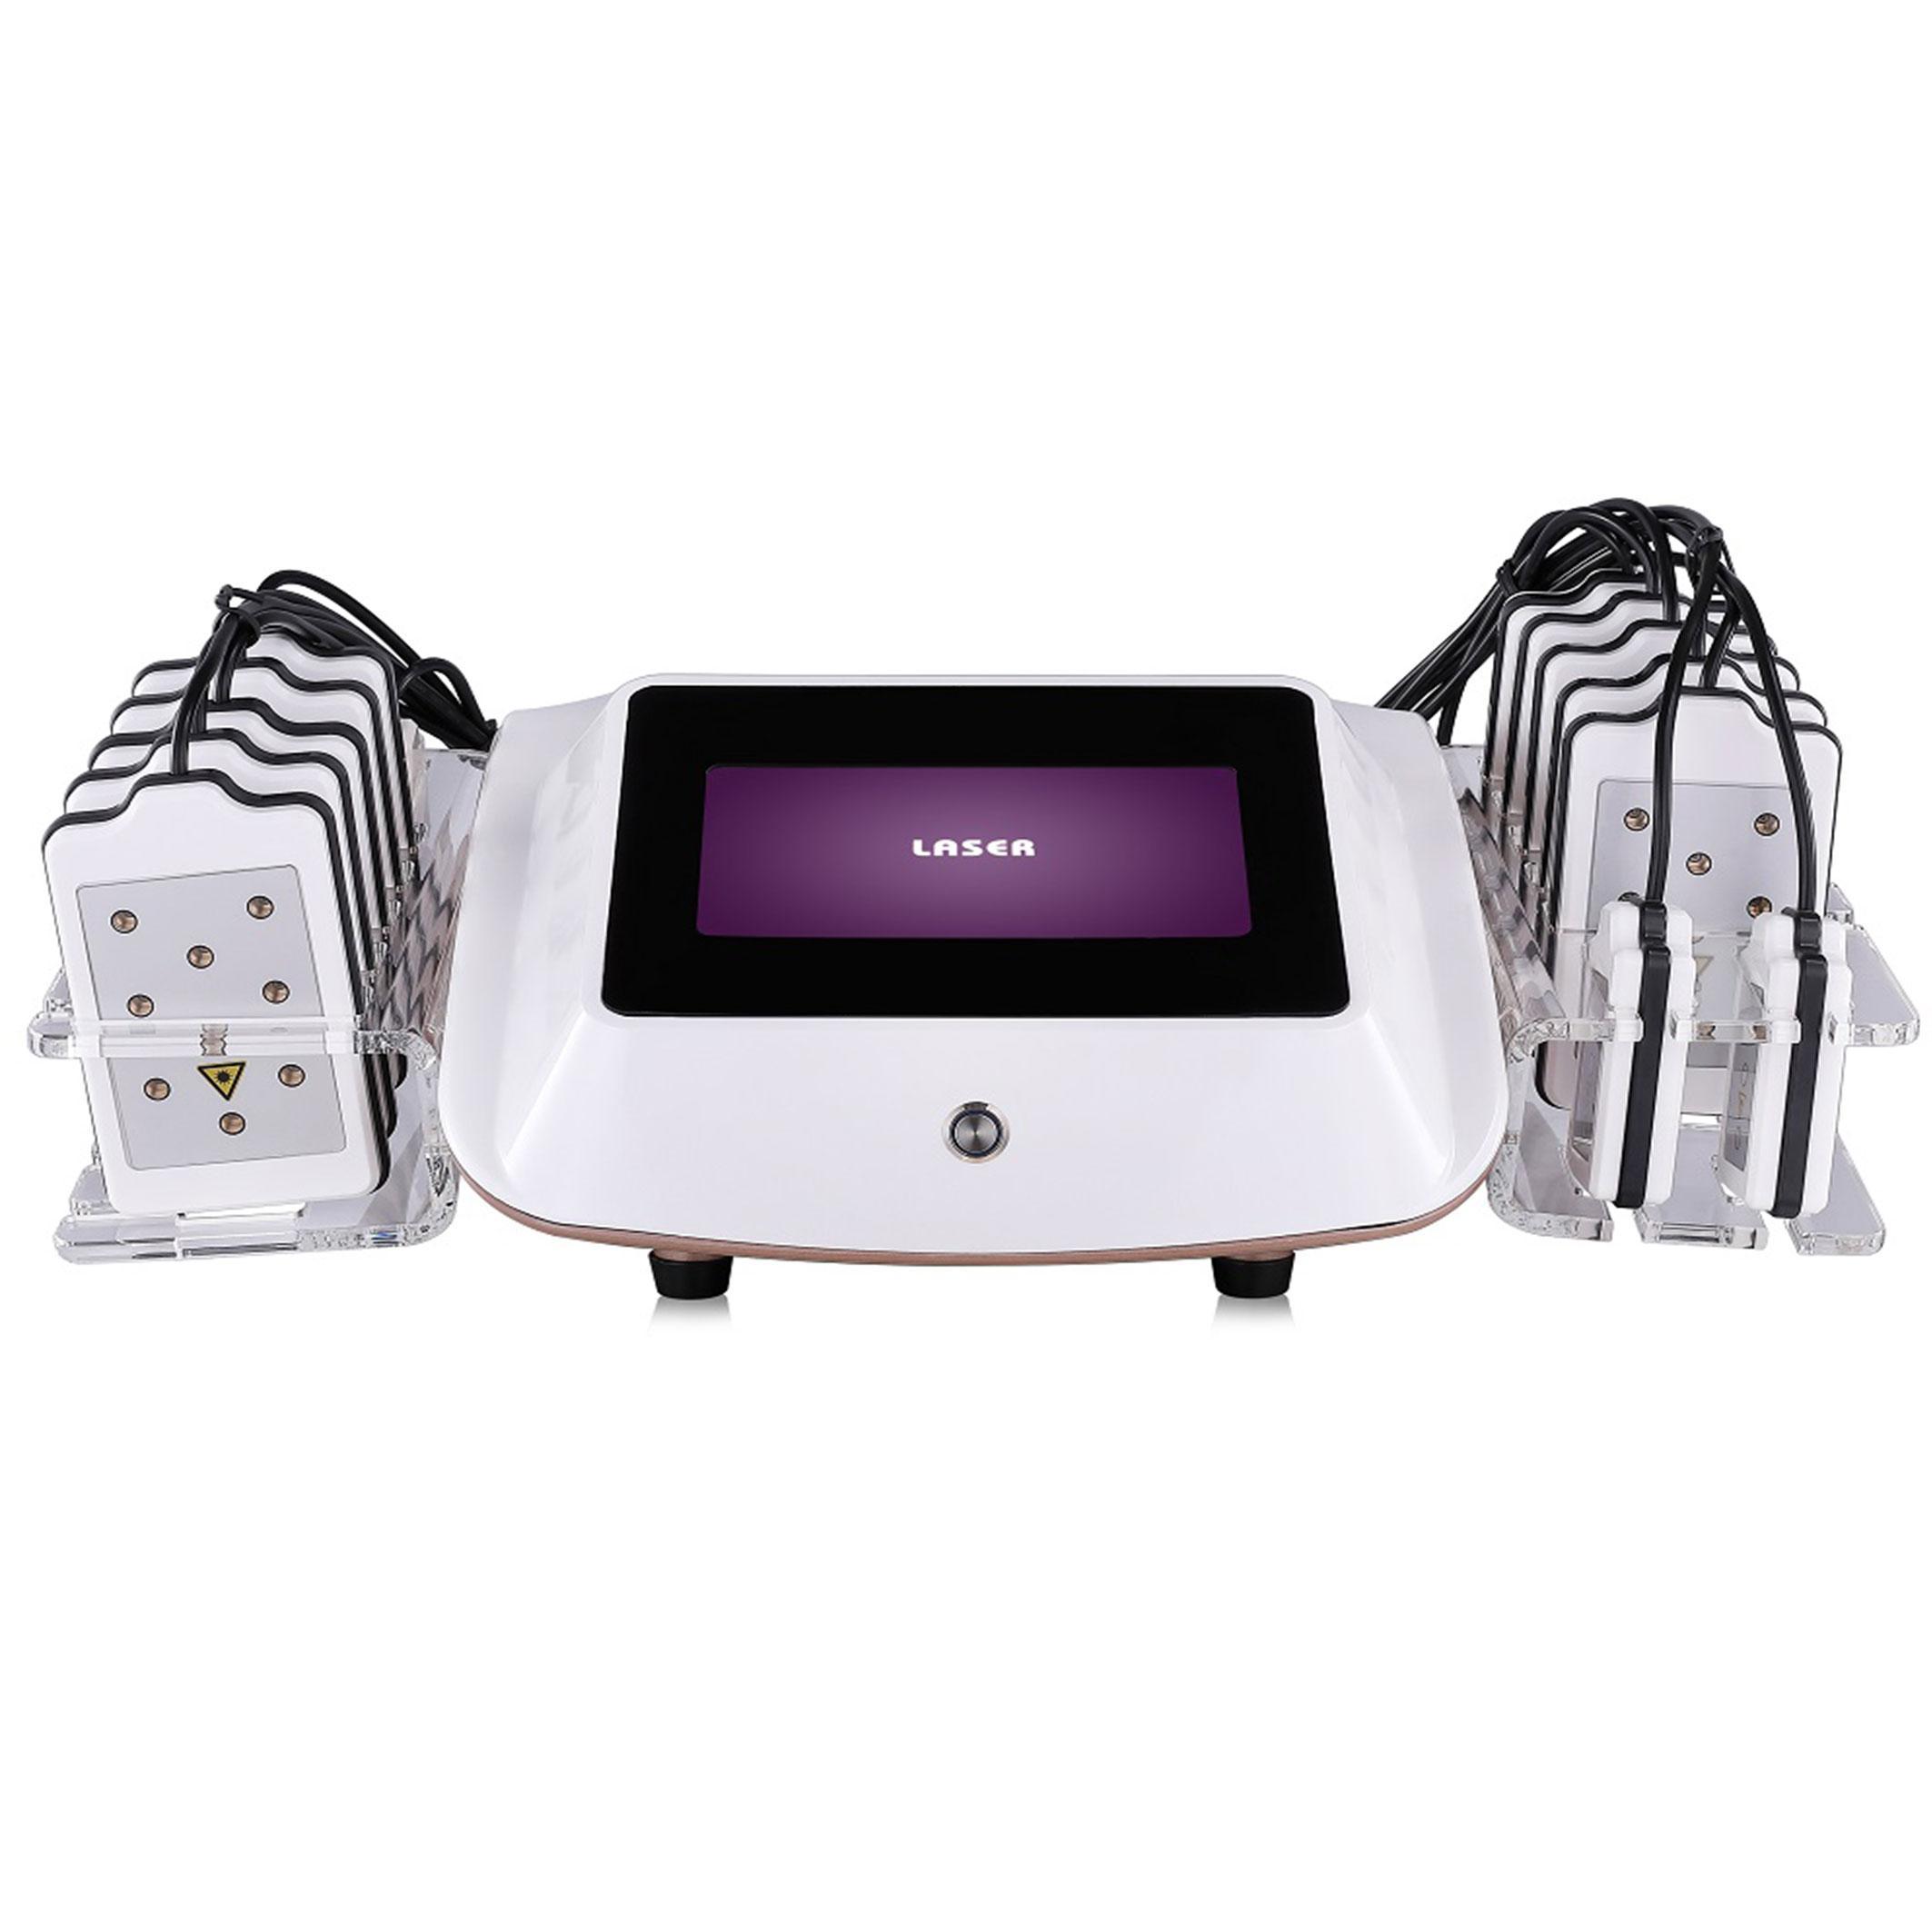 판매를 위해 몸 셰이퍼 지방 굽기 기계를 냉각 (14) 레이저 패드 다이오드 사러 레이저 슬리밍 기계